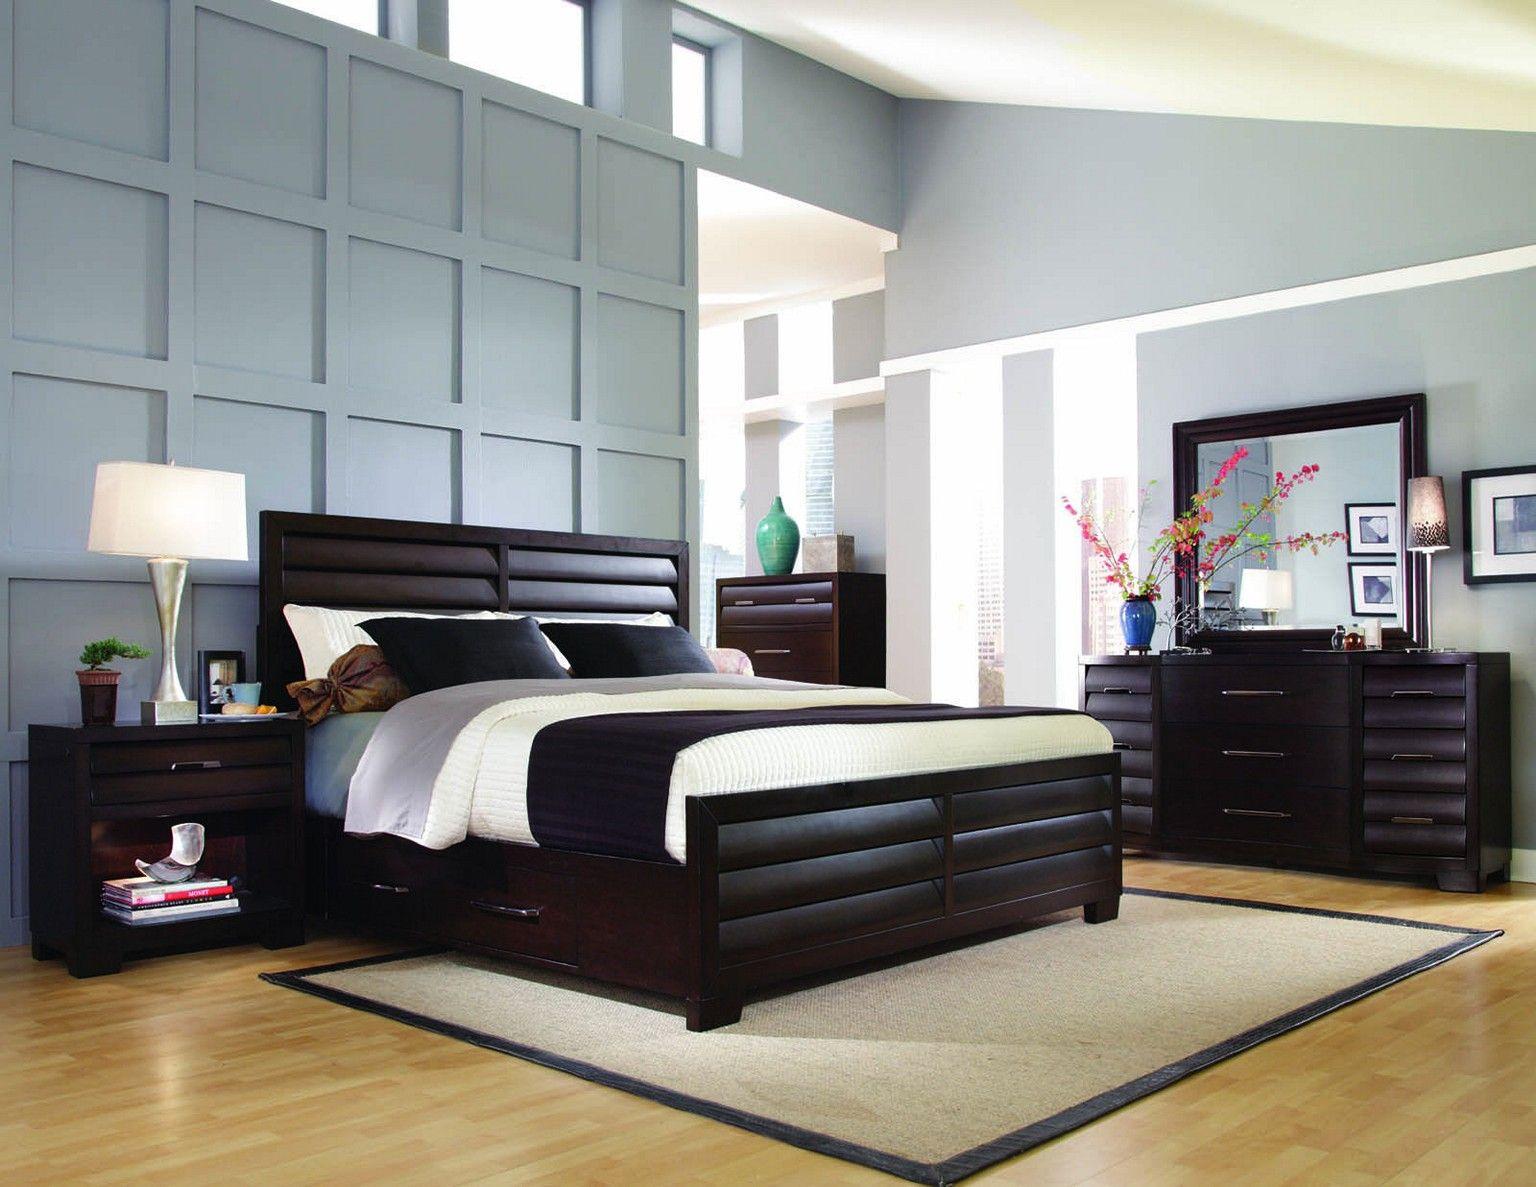 best master bedroom design ideas bedrooms men decor and